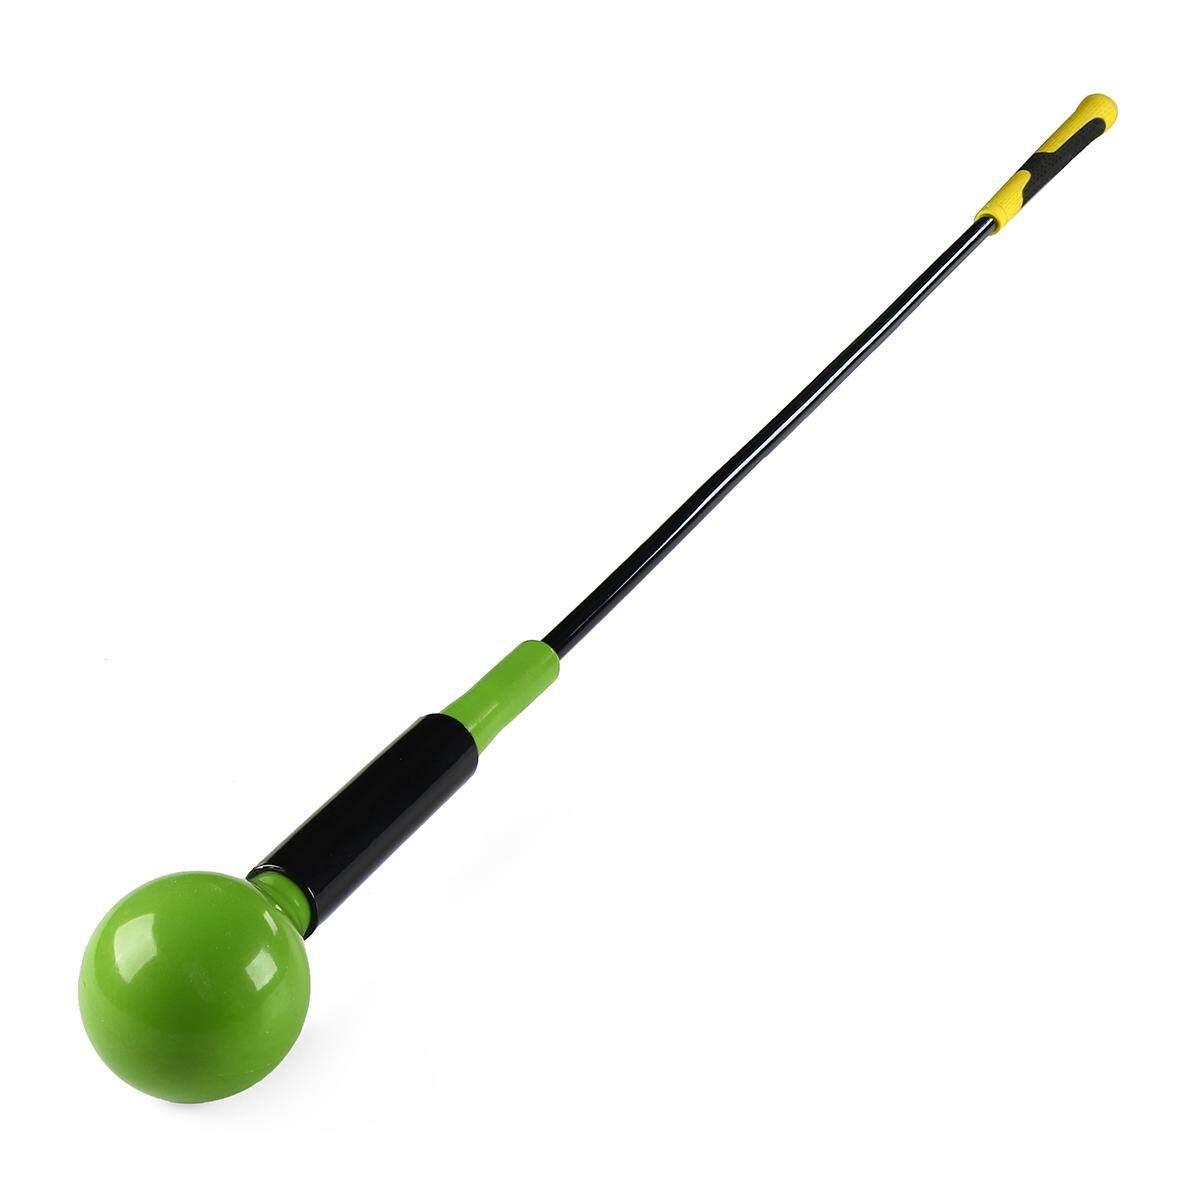 120 Cm Pemukul Bola Golf Training Stick Hijau-Internasional 8b53e62bfa